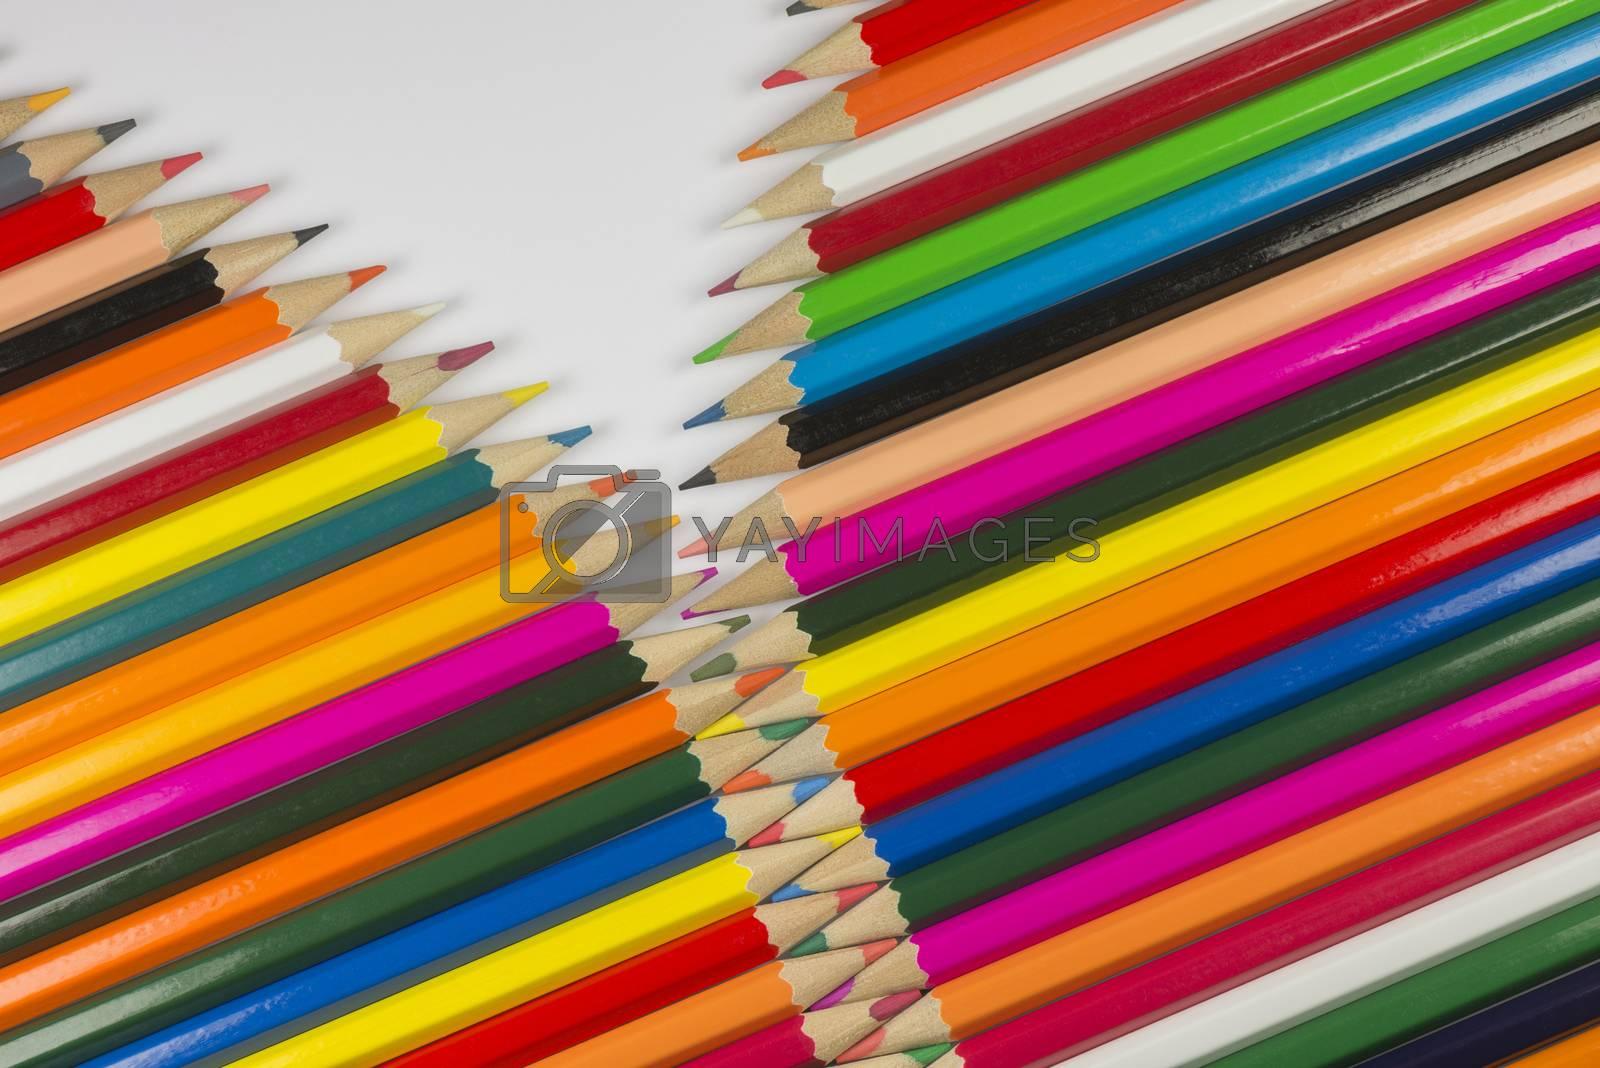 Colorful cedar wooden pencils in zipper shape  by Tofotografie